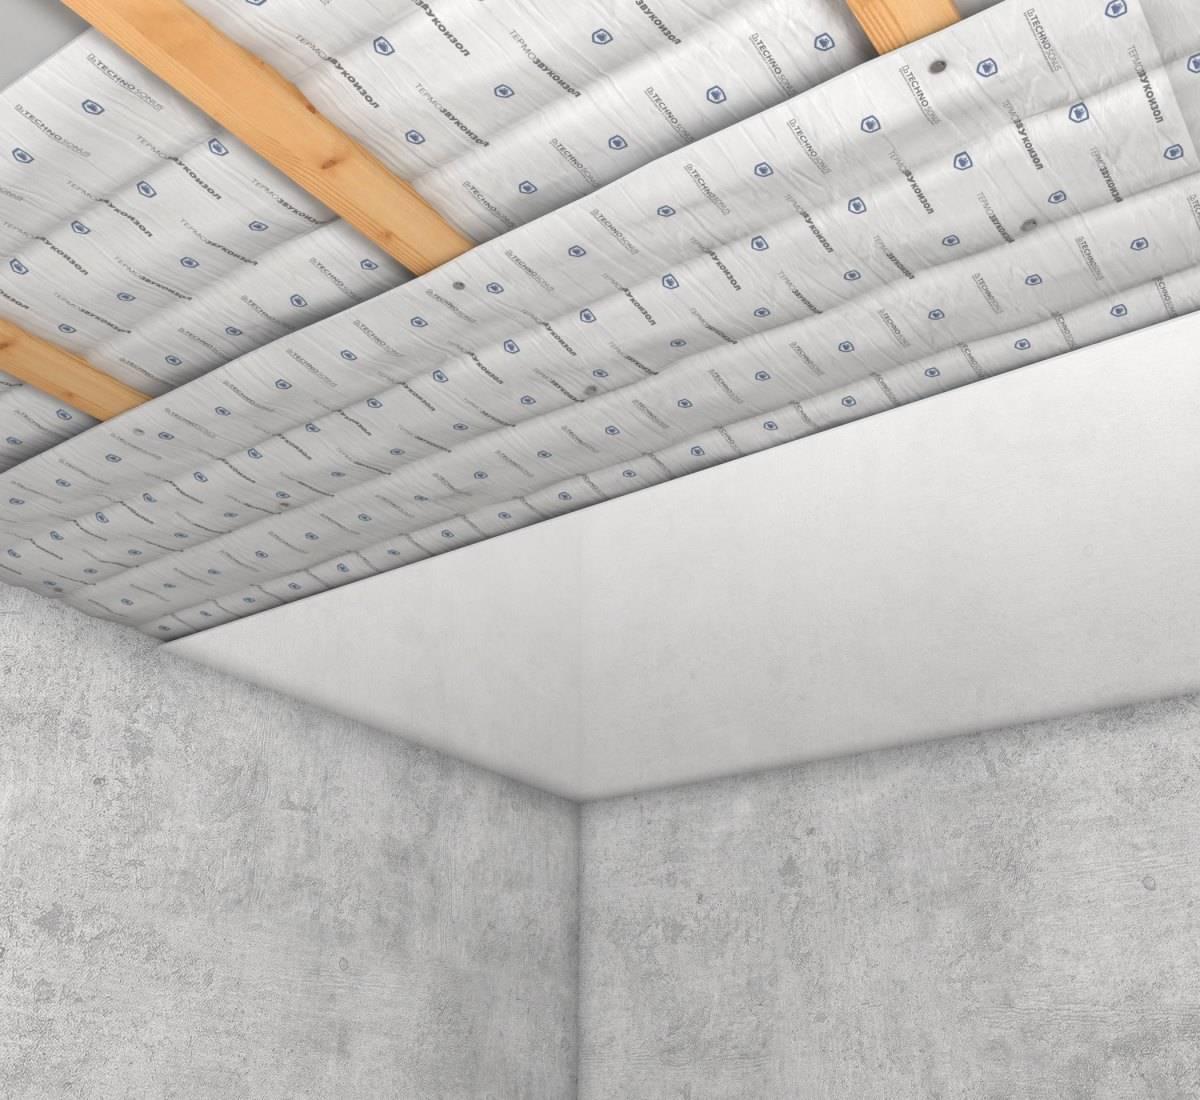 Шумоизоляция потолка в квартире под натяжной потолок: технология и этапы работ